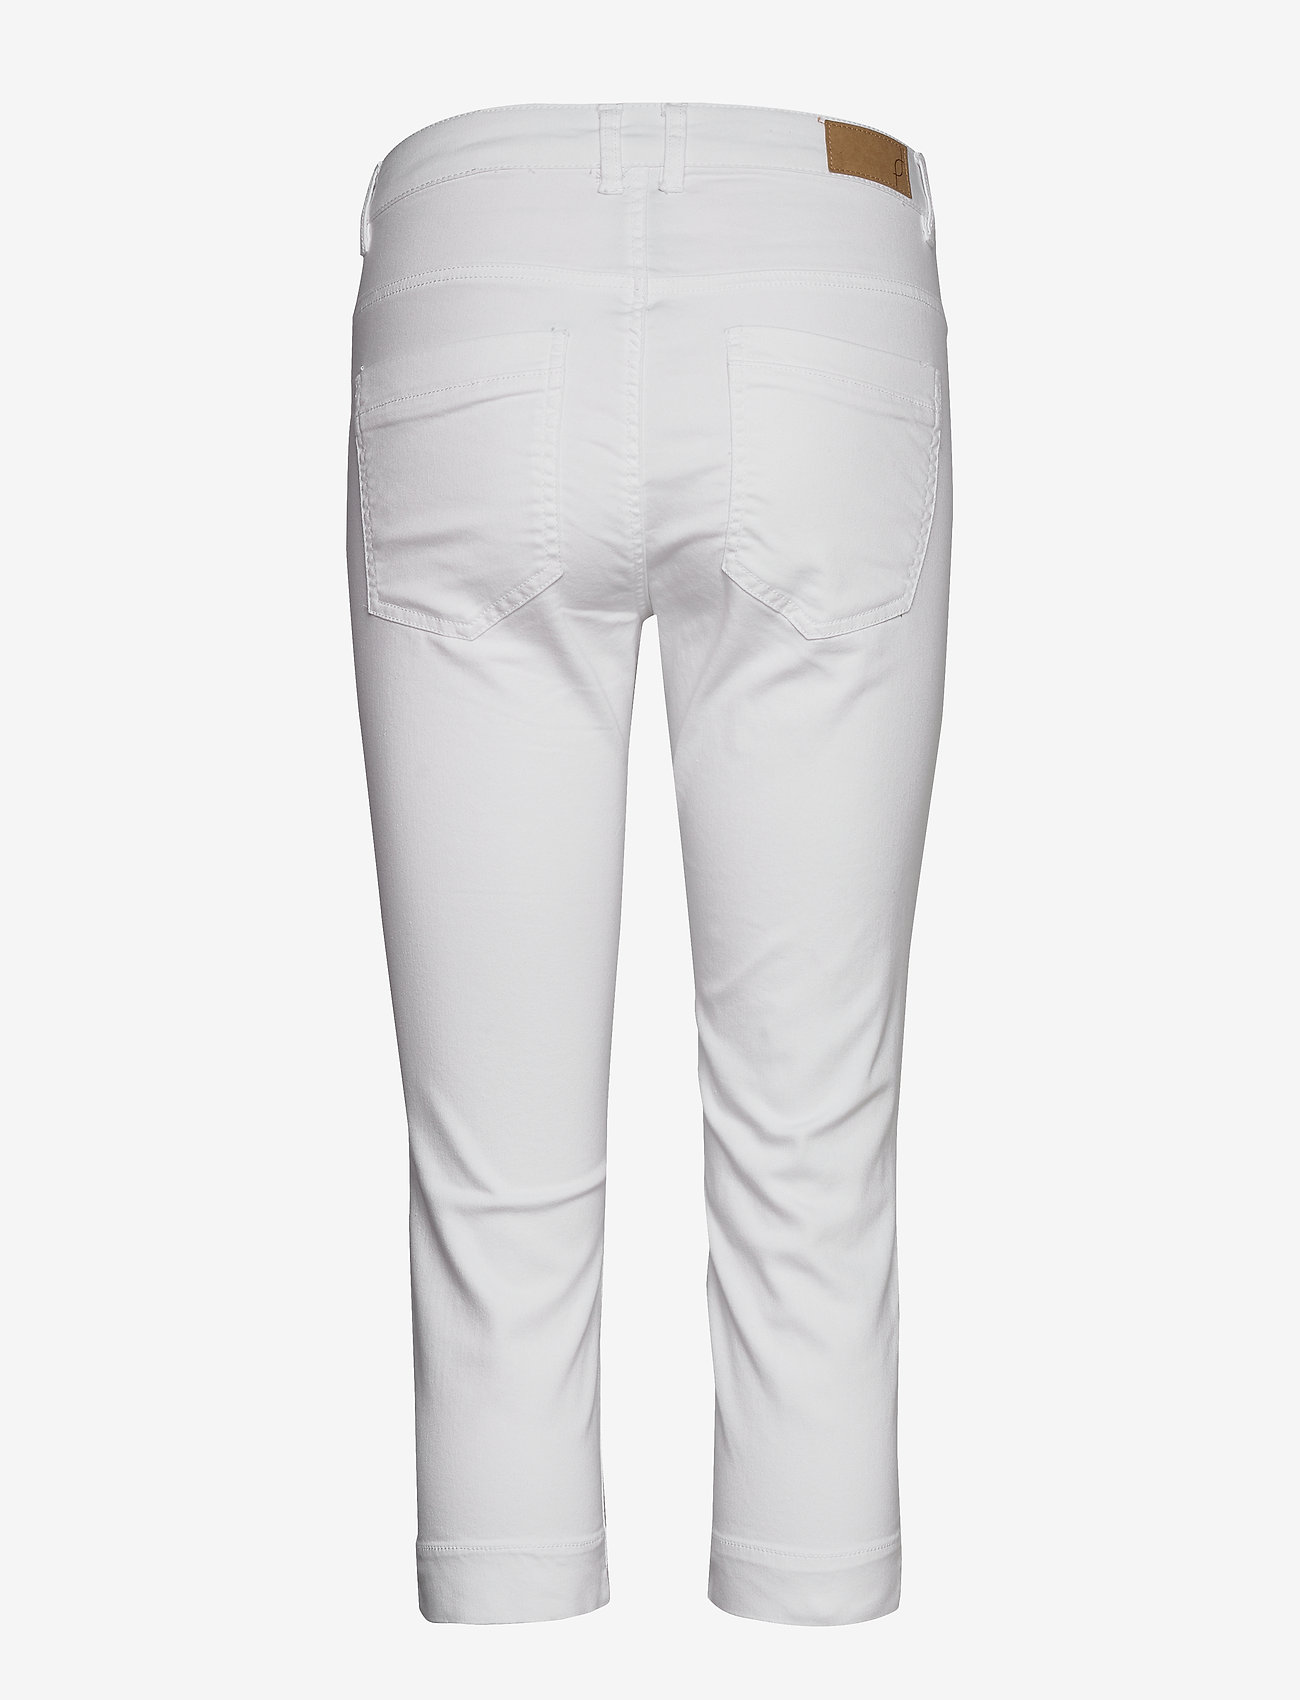 Fransa - FRJOTWILL 1 Capri - capri bukser - white - 1